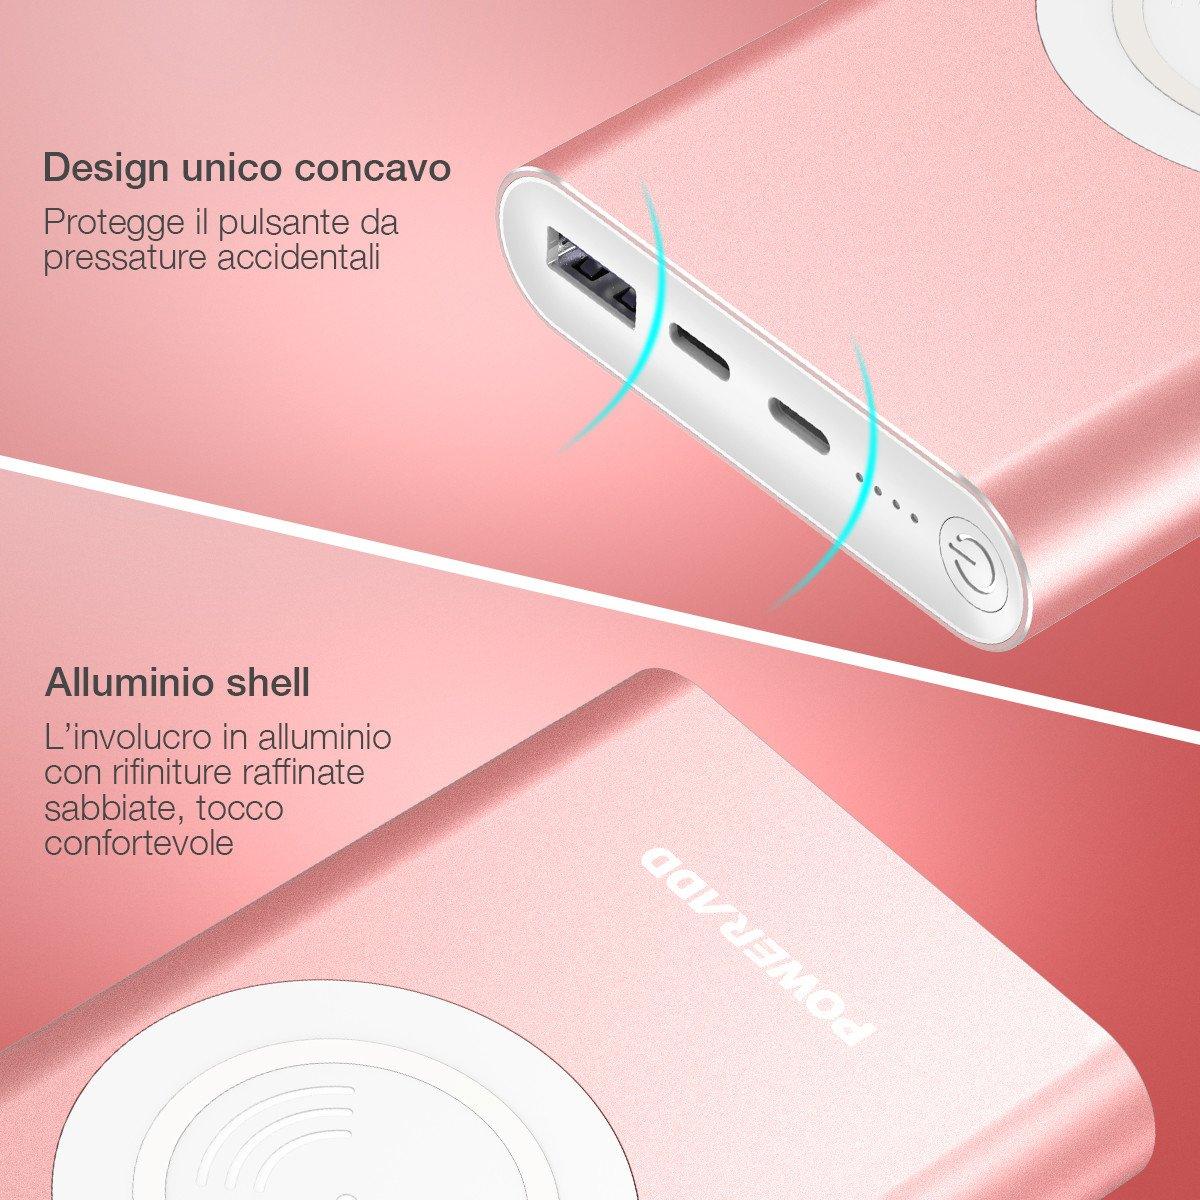 POWERADD Caricabatterie portatile Senza fili 10000mAh powerbank wireless Entrata di Lightning e di USB-C, 2 uscite per iPhone X/8, Samsung Galaxy S9/S8/S7/Note 8 e tanti altri (Cavo di Lightning e di USB-C sono inclusi)